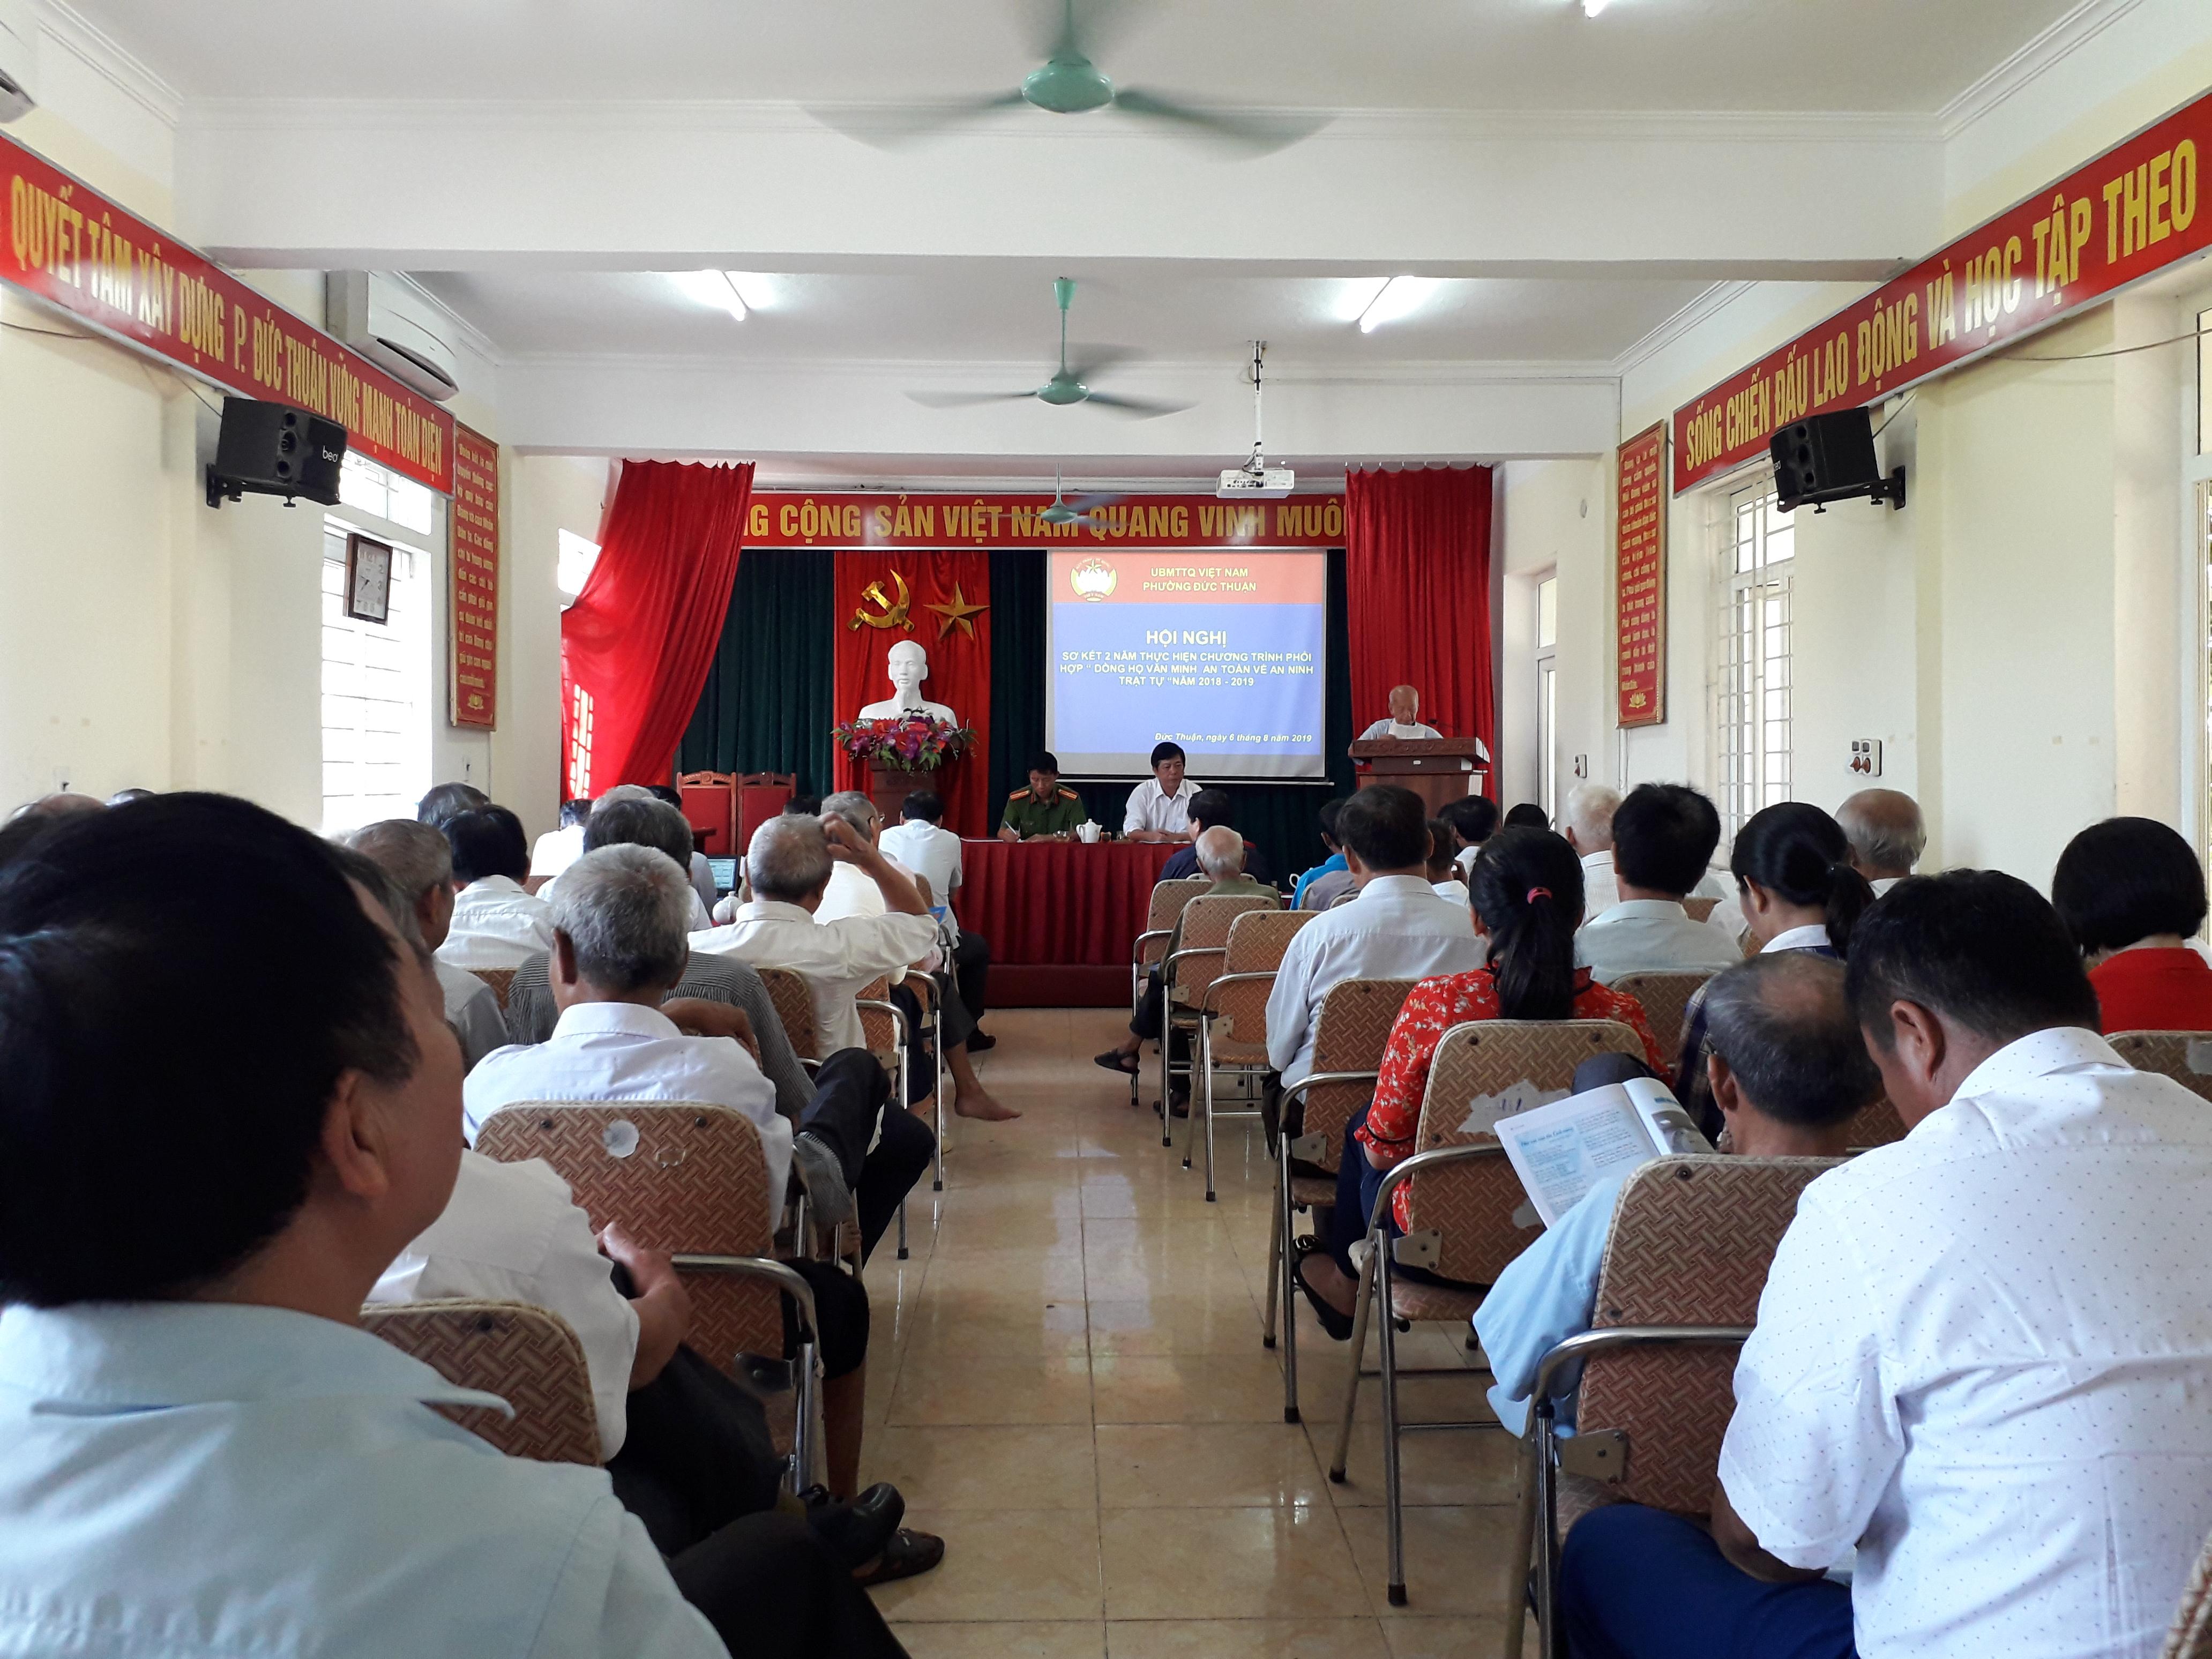 Sơ kết 2 năm thực hiện phong trào xây dựng dòng họ văn minh - an toàn về an ninh trật tự ở phường Đức Thuận và xã Thuận Lộc